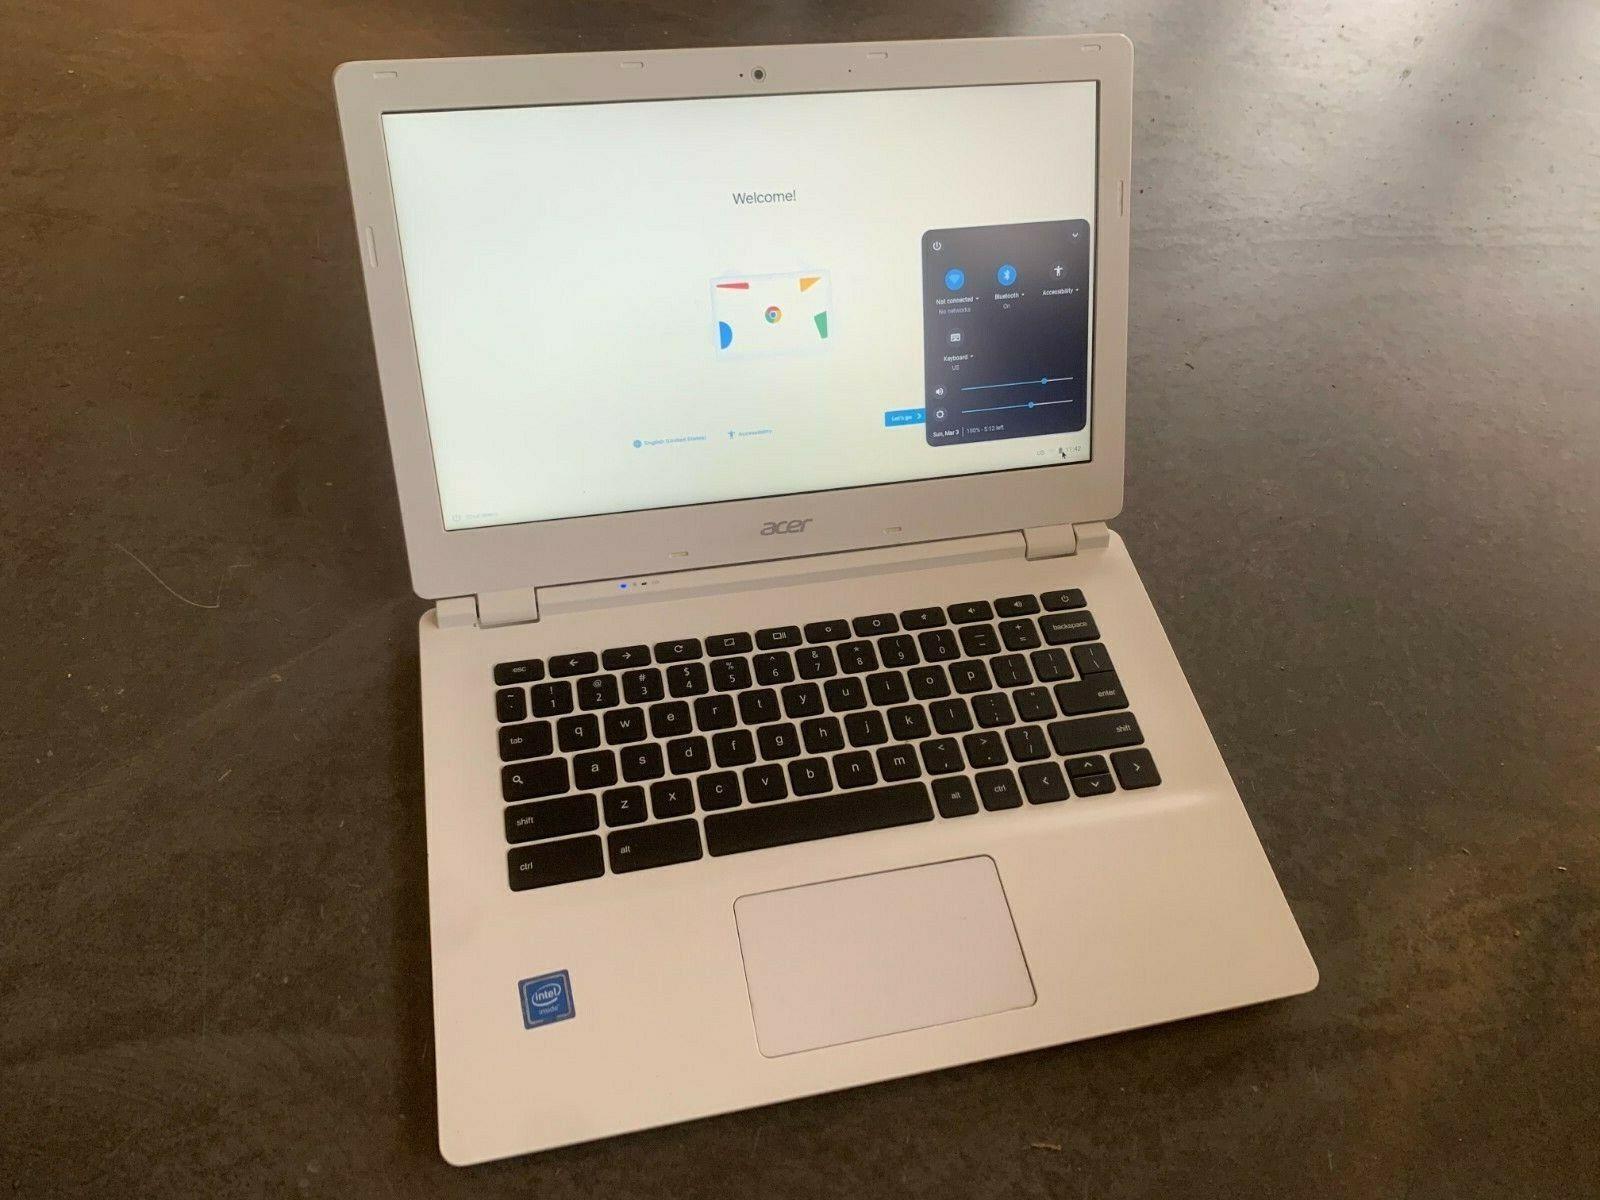 Acer chromebook 13 quad core 4gb ram 16gb emmc nvidia tegra chromeos